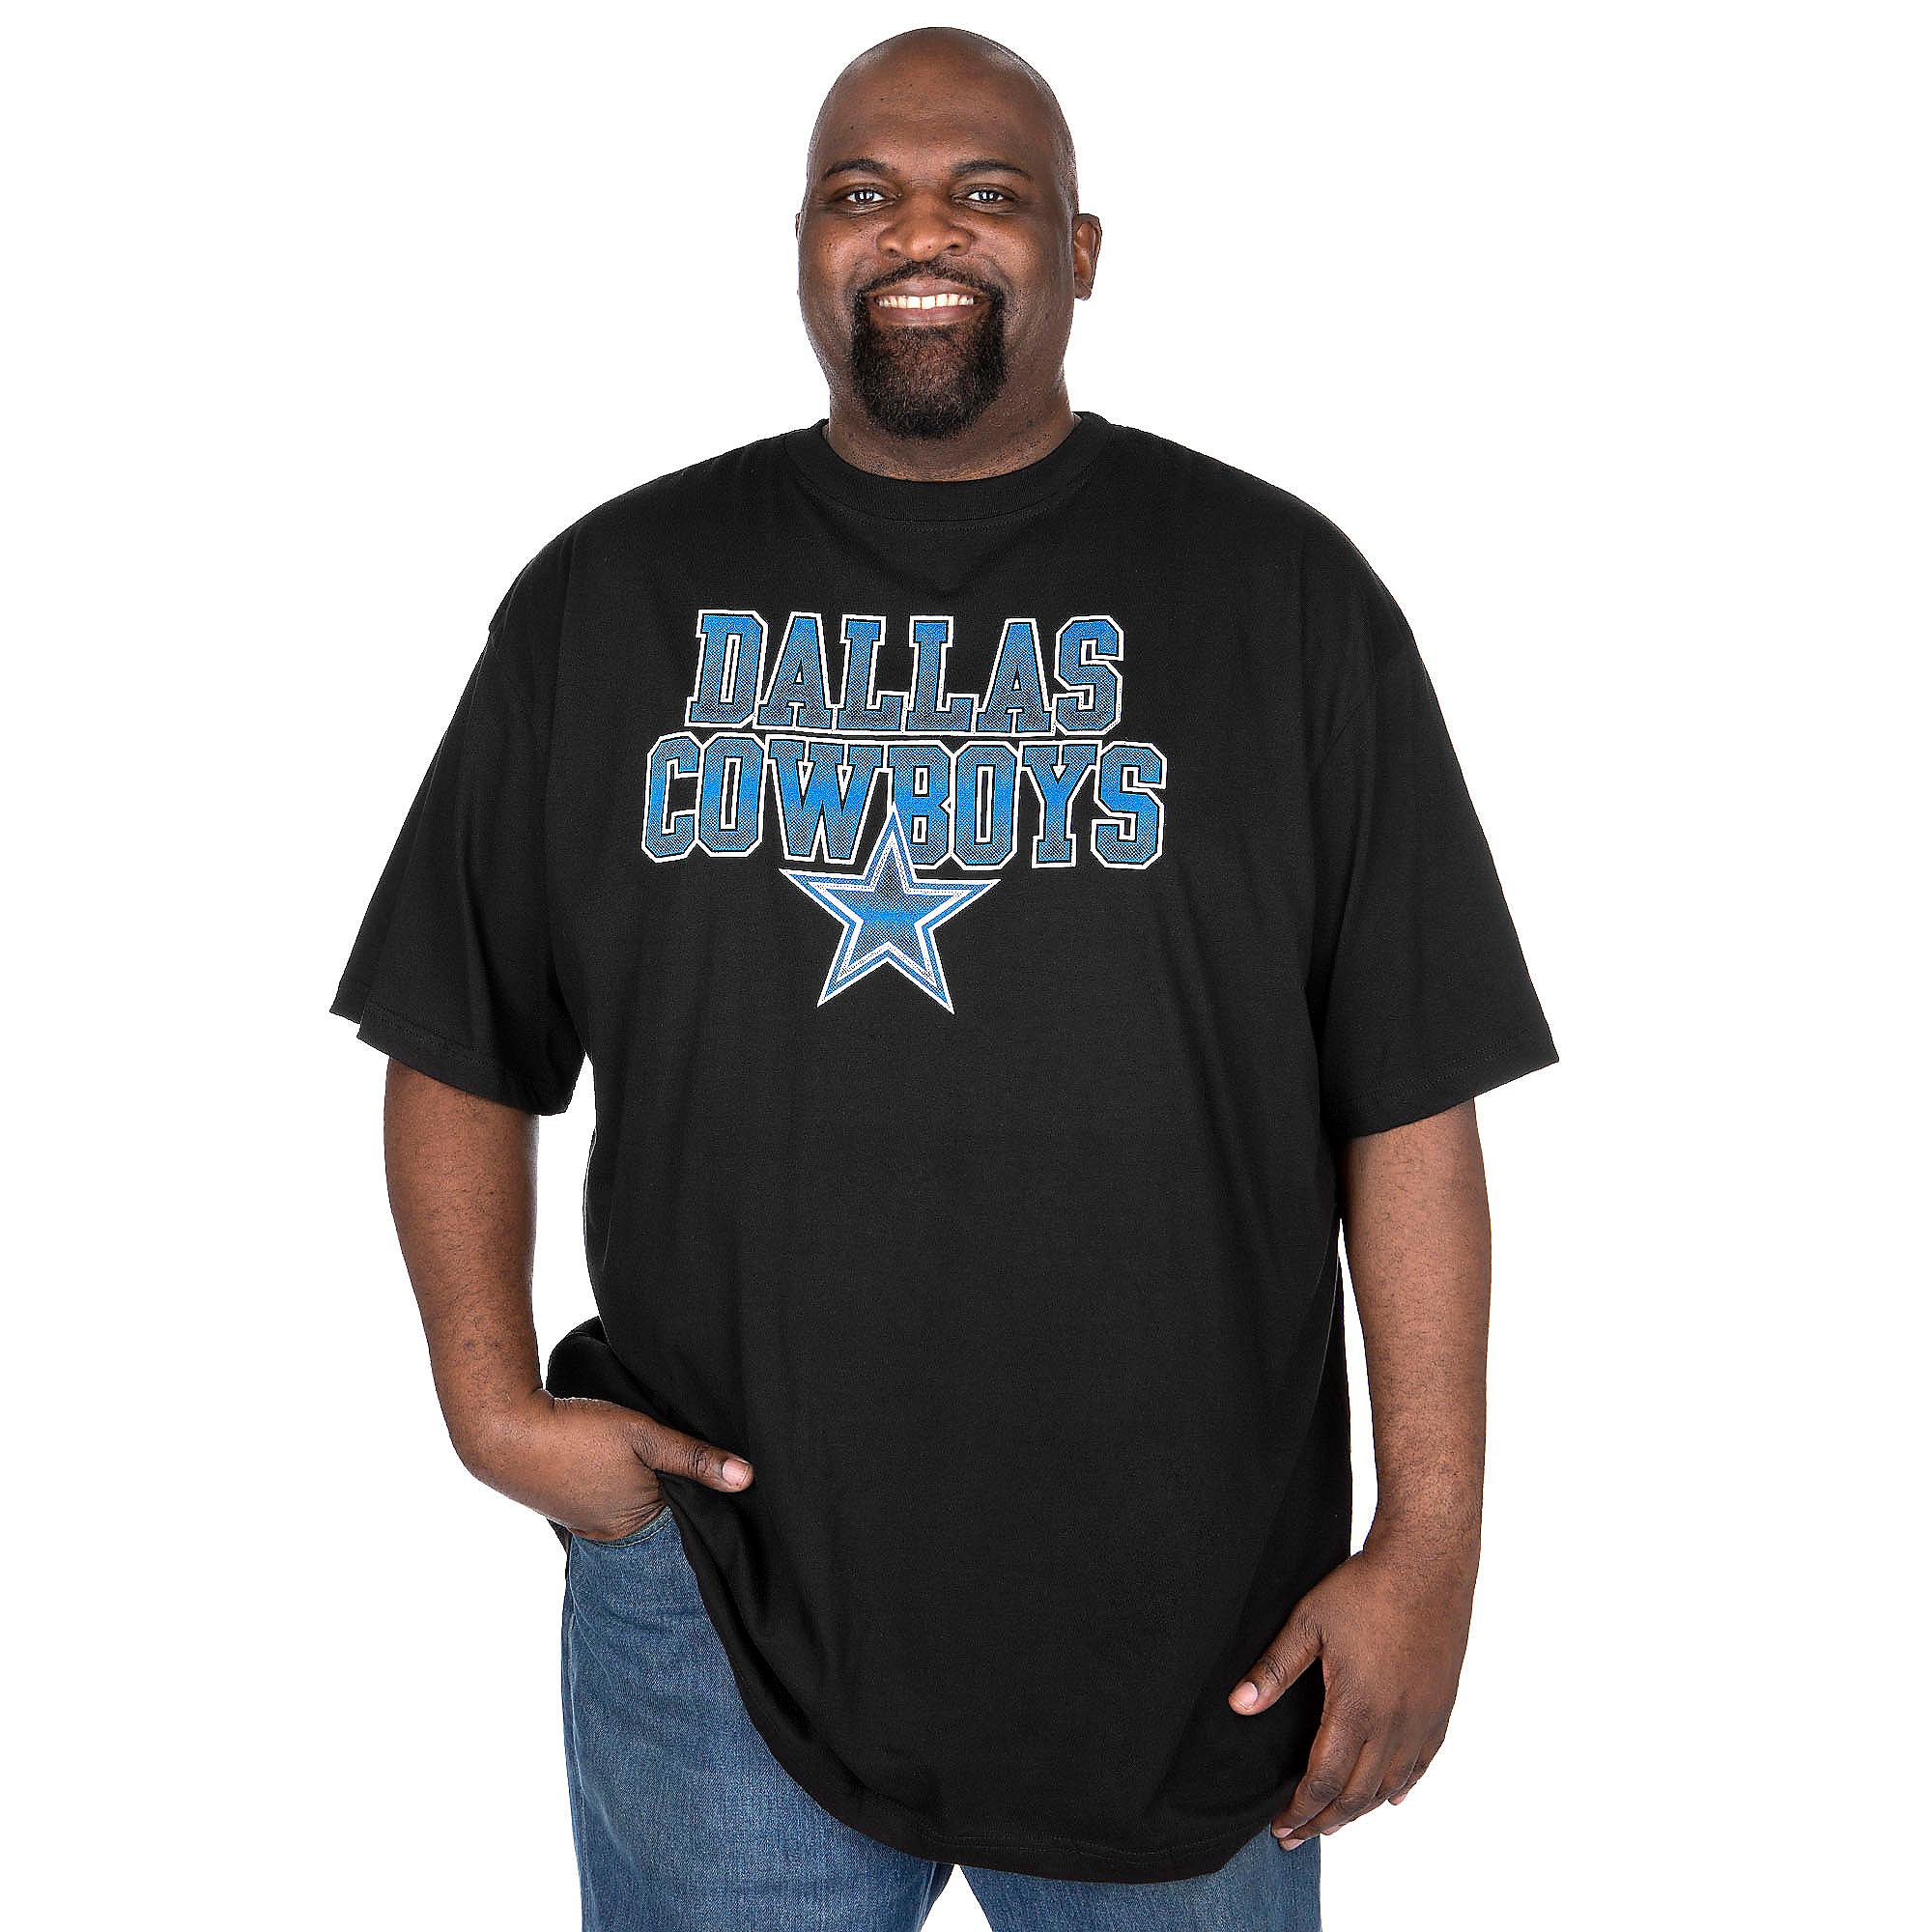 Dallas Cowboys Big and Tall Toned Up Tee